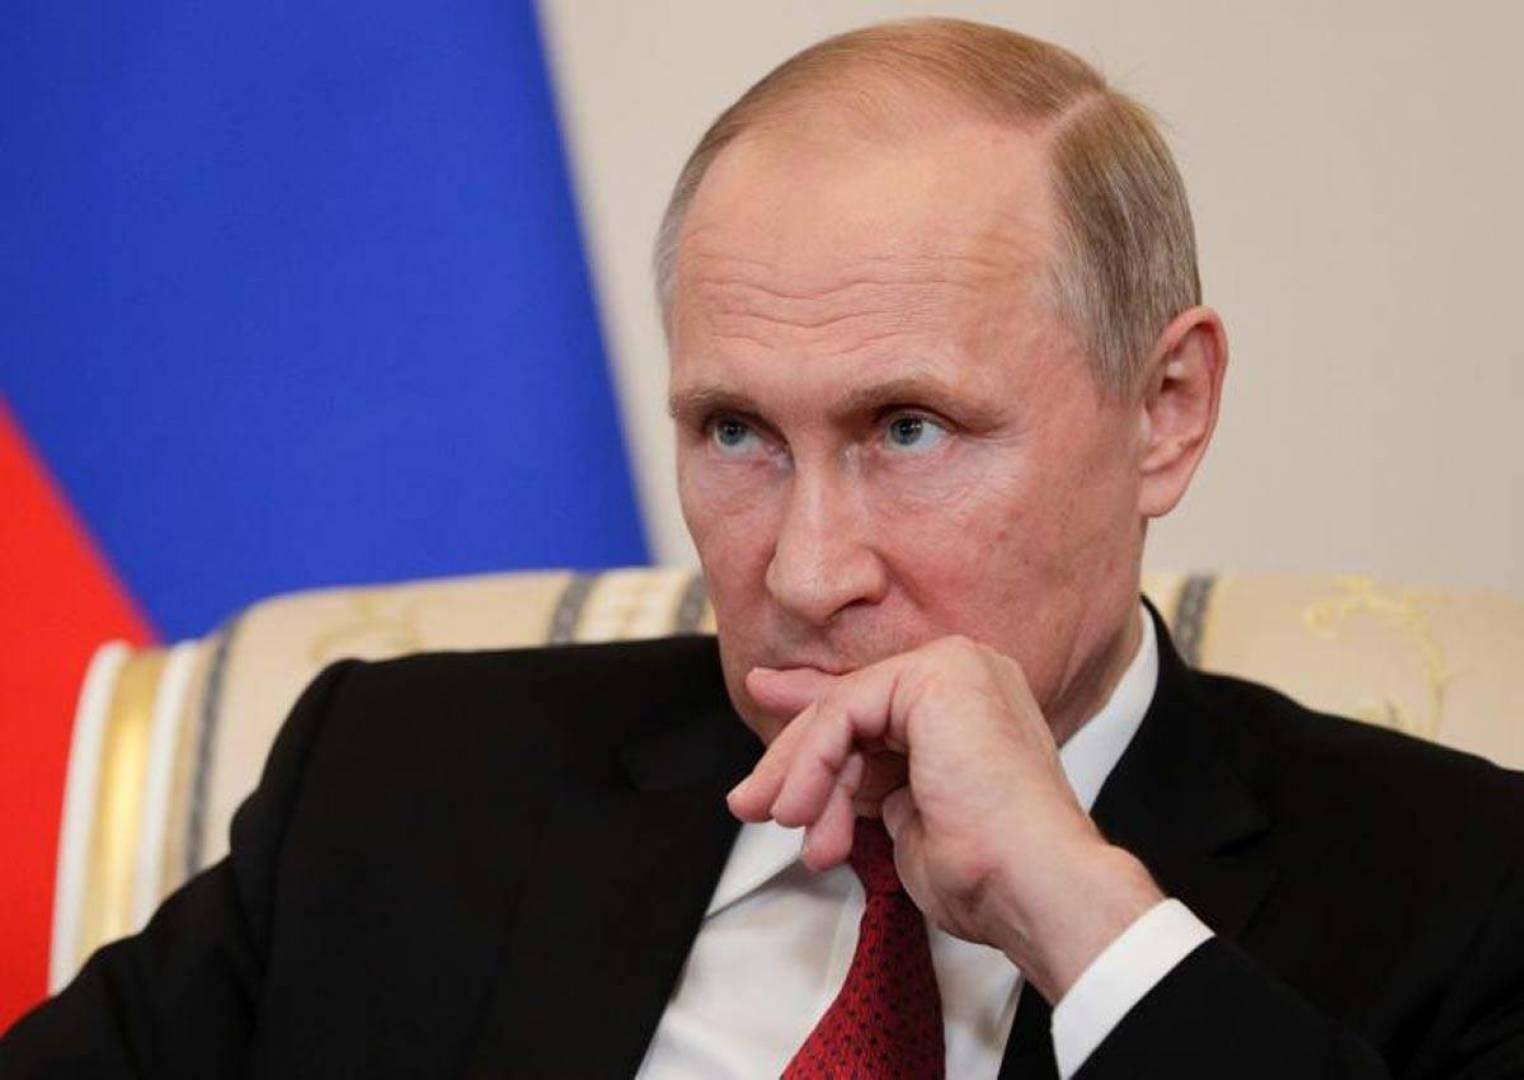 أيّ تسوية يريدها بوتين؟